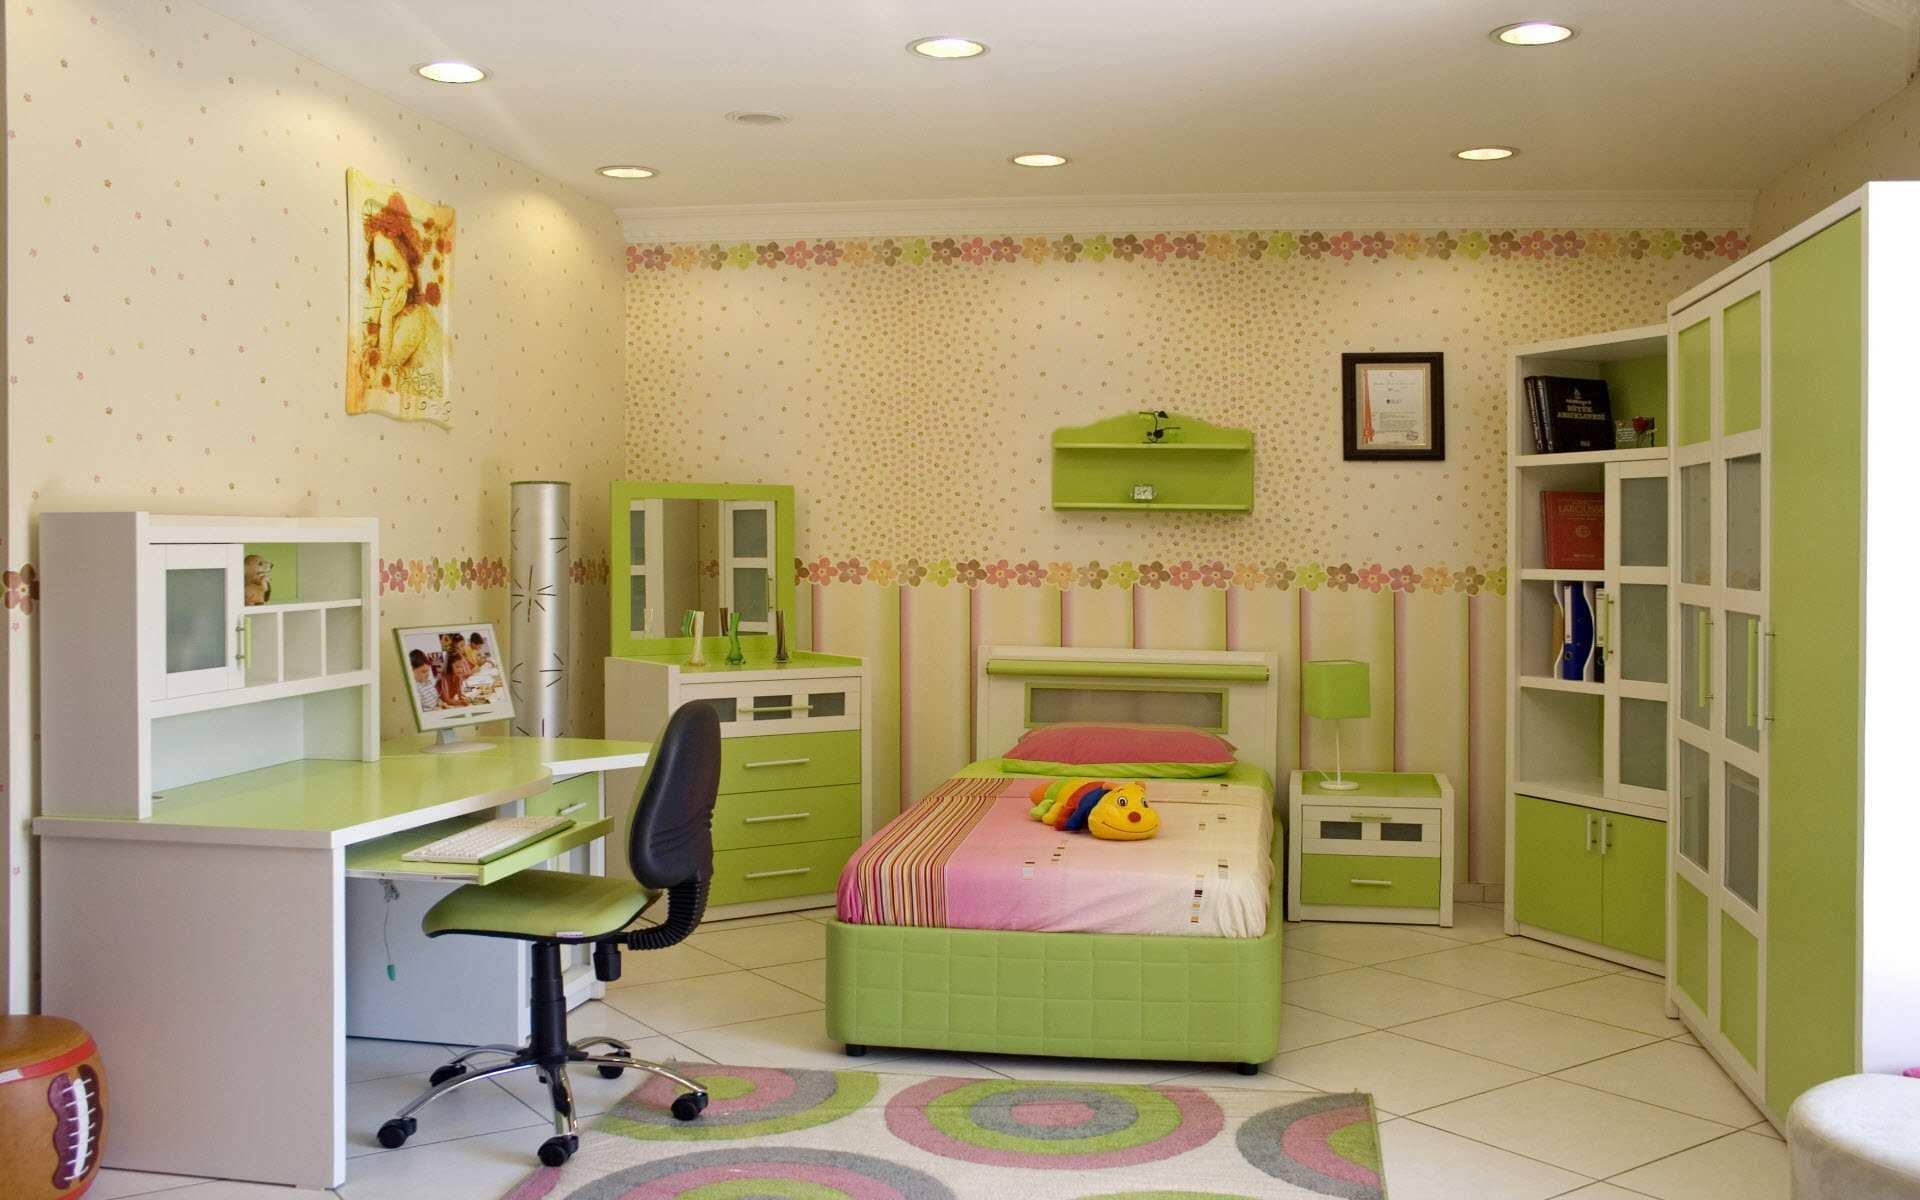 Фото комнат для ребенка 12 лет